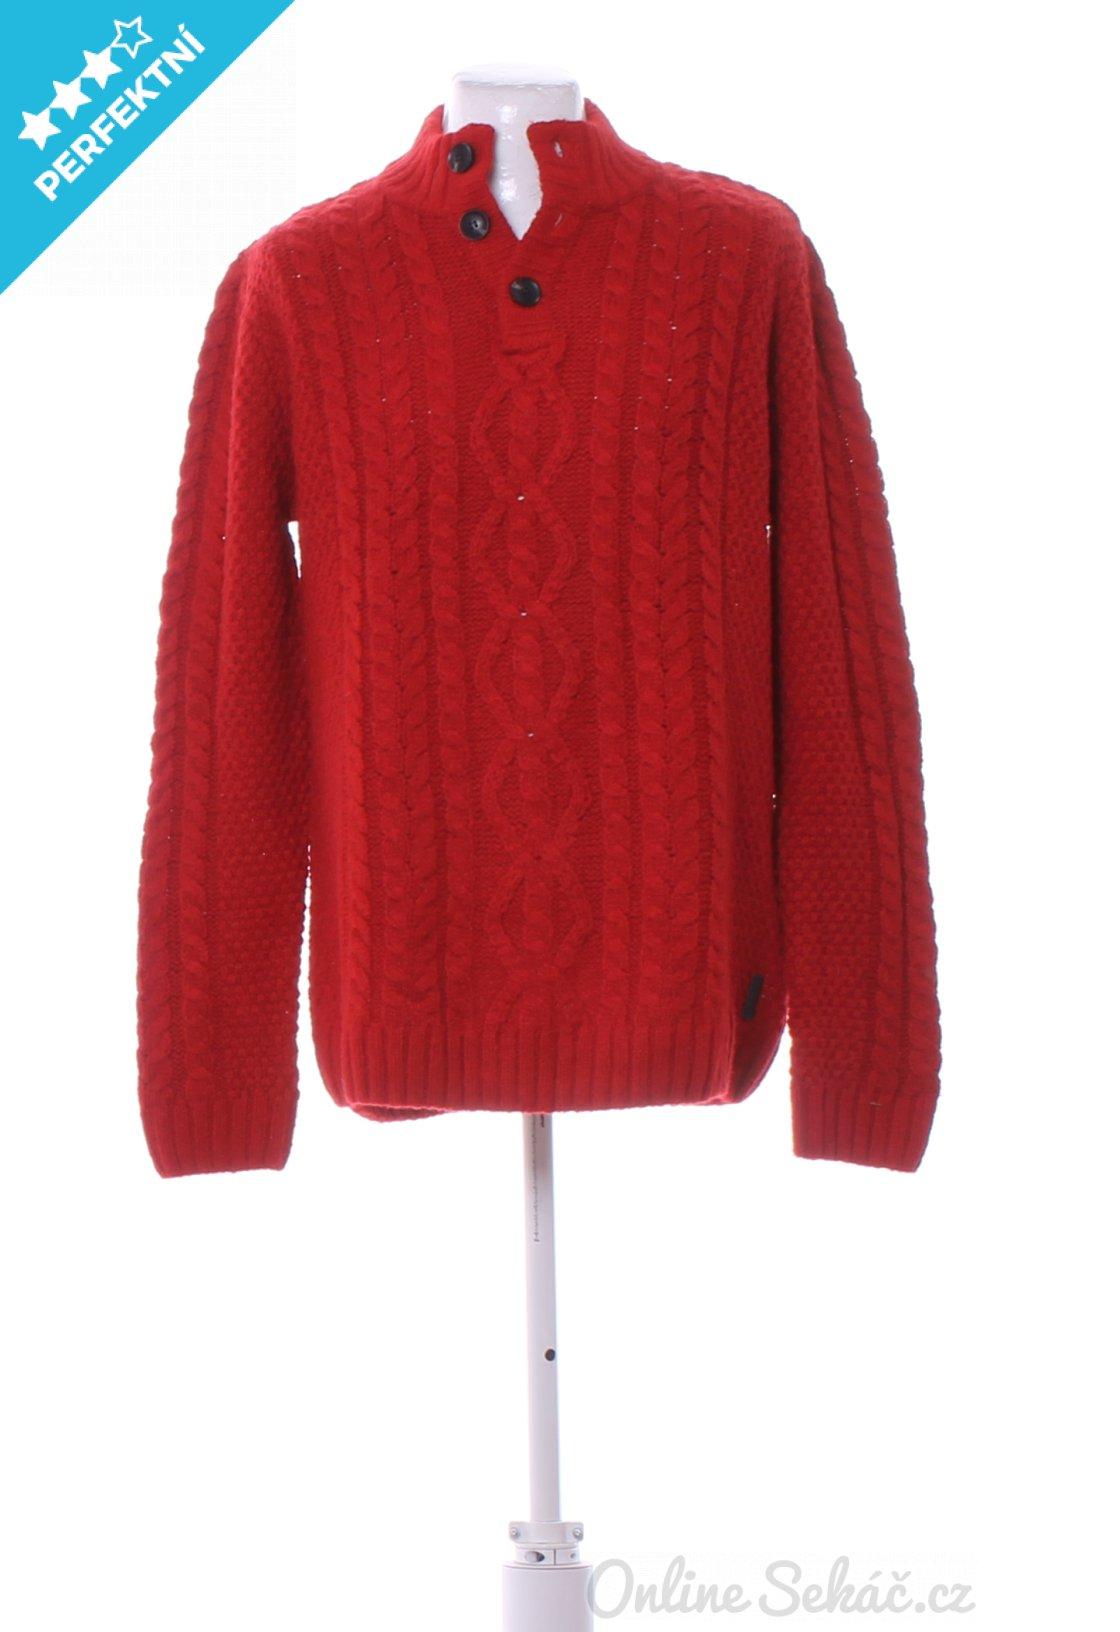 Second hand - Vzor  JEDNOBAREVNÝ   Pánský zimní svetr BRICE XL ... 55c9da409ab